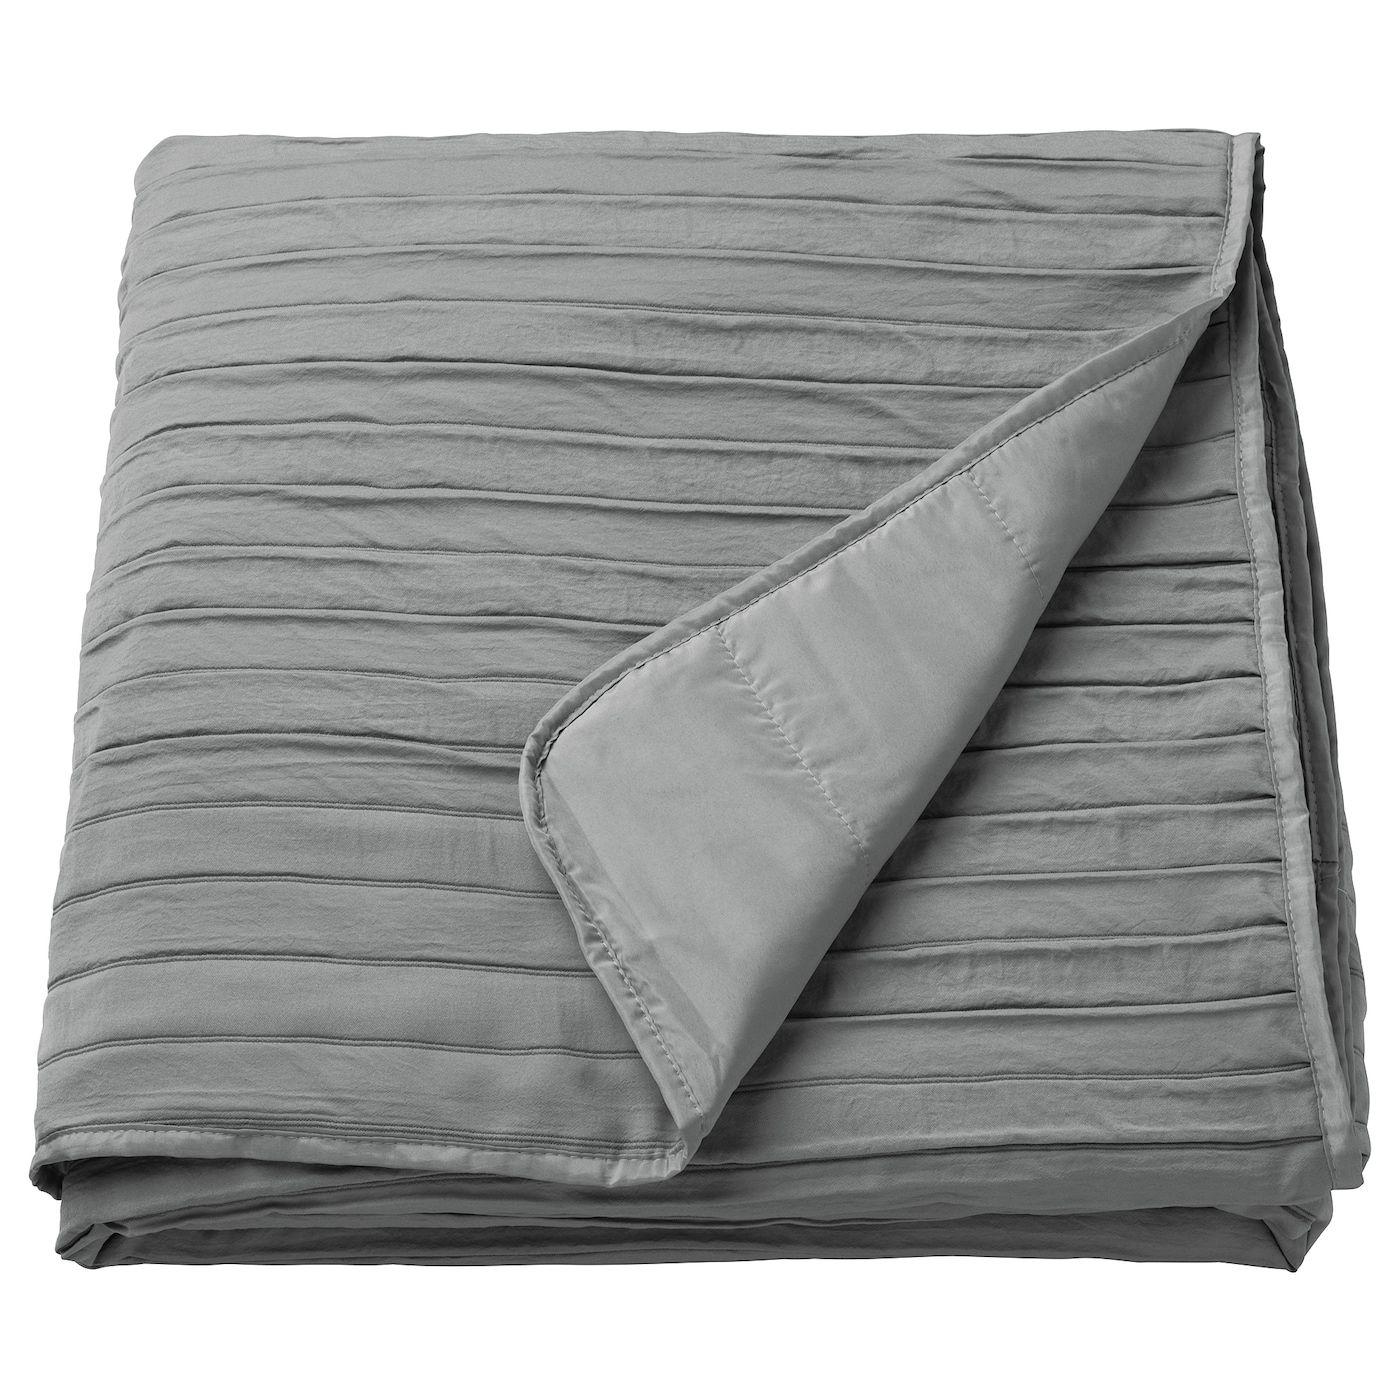 VEKETÅG Bedspread gray Twin/Full (Double) in 2020